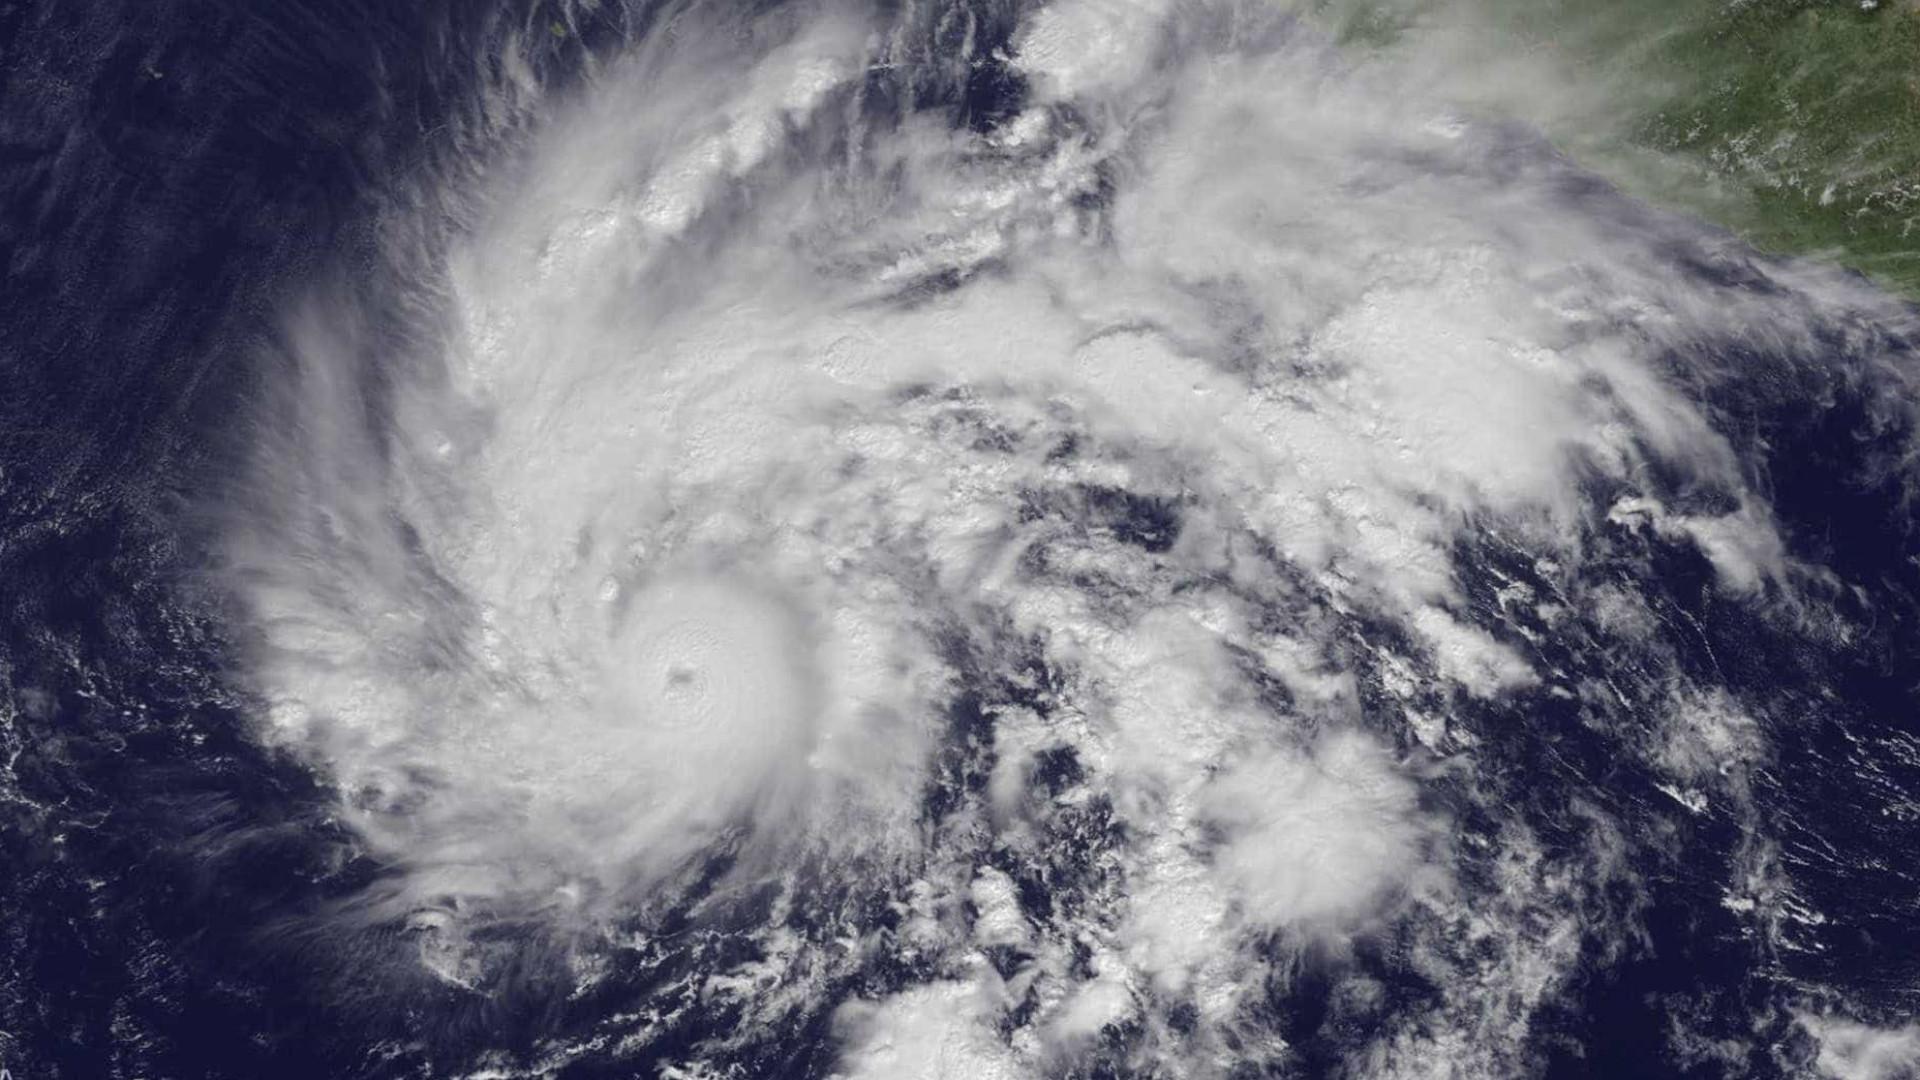 Furacão Bud se forma no Pacífico e deixa México em alerta